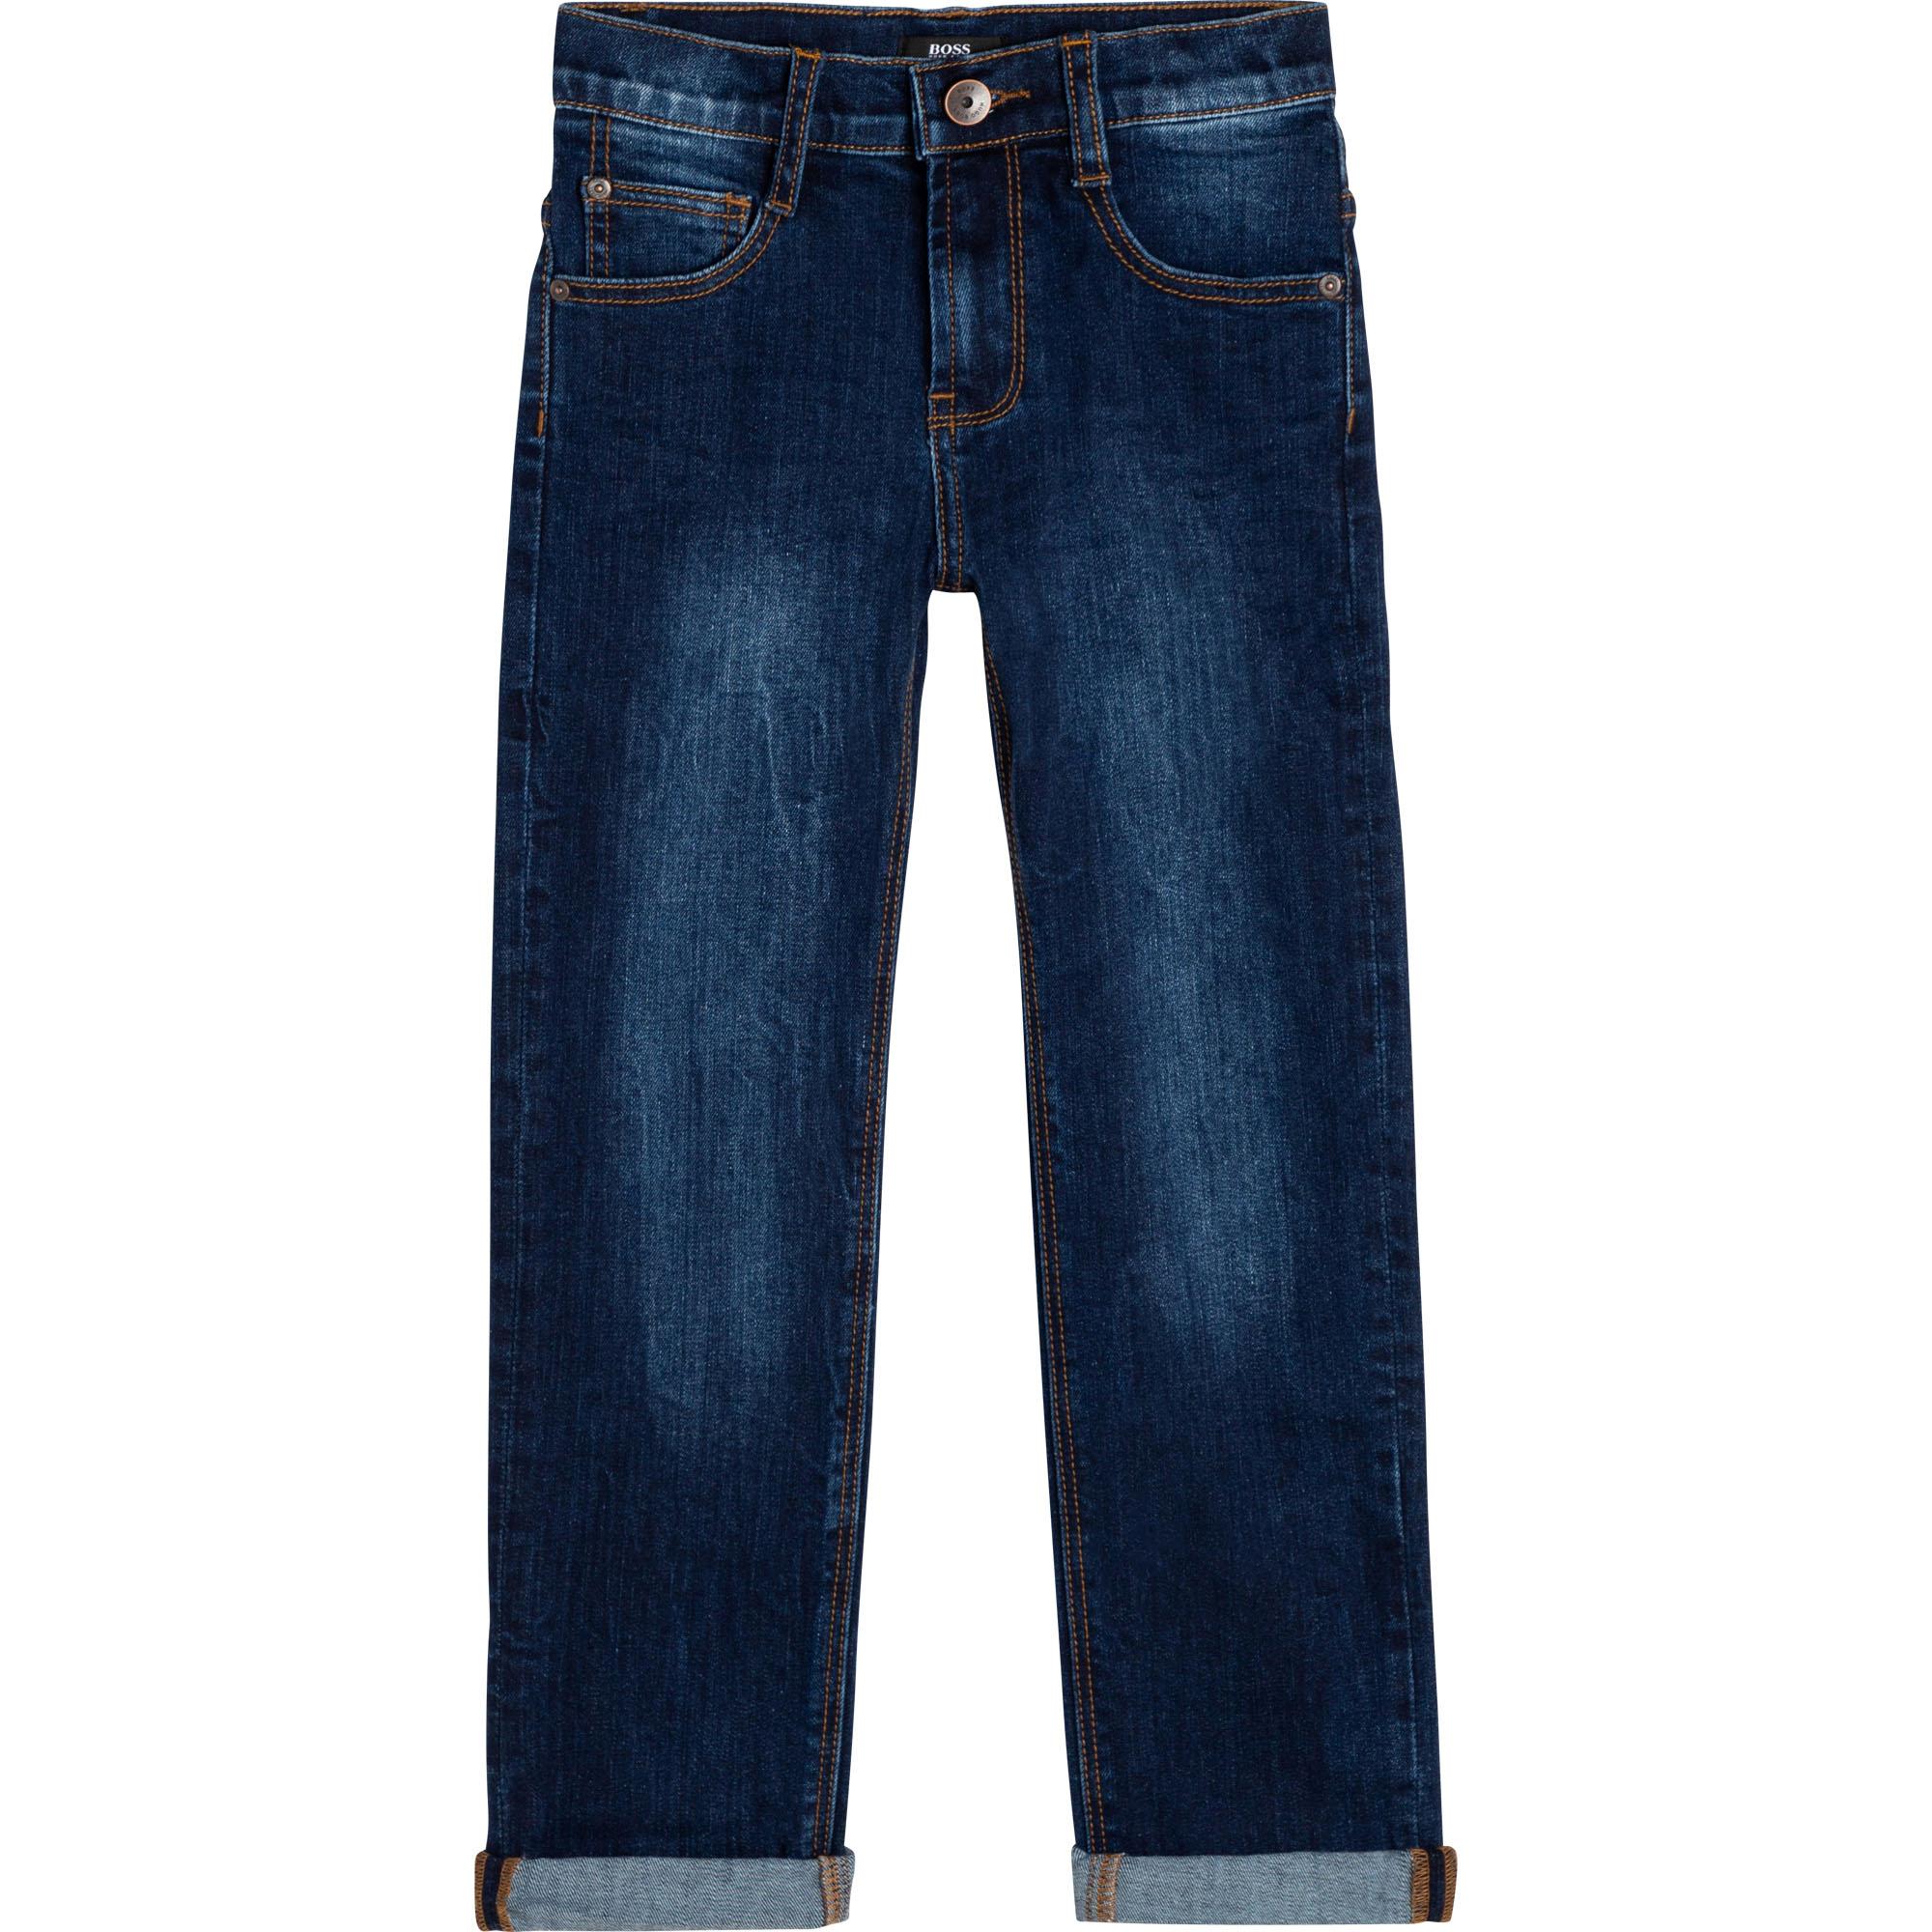 Regular fit denim jeans BOSS for BOY